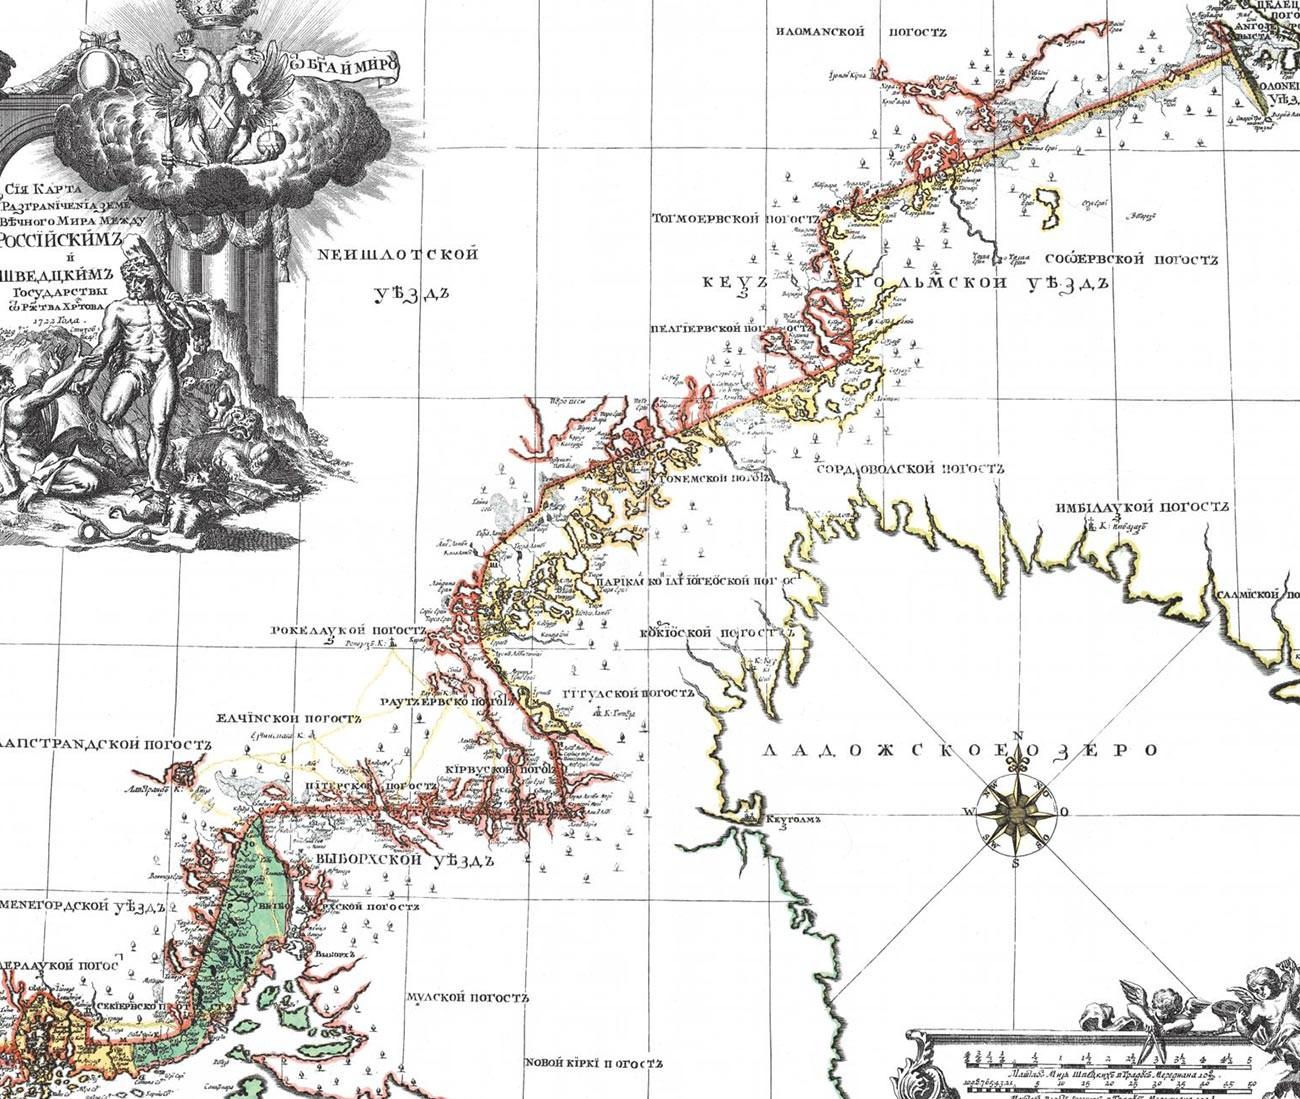 La mappa della divisione dei territori secondo il trattato di Nystadt